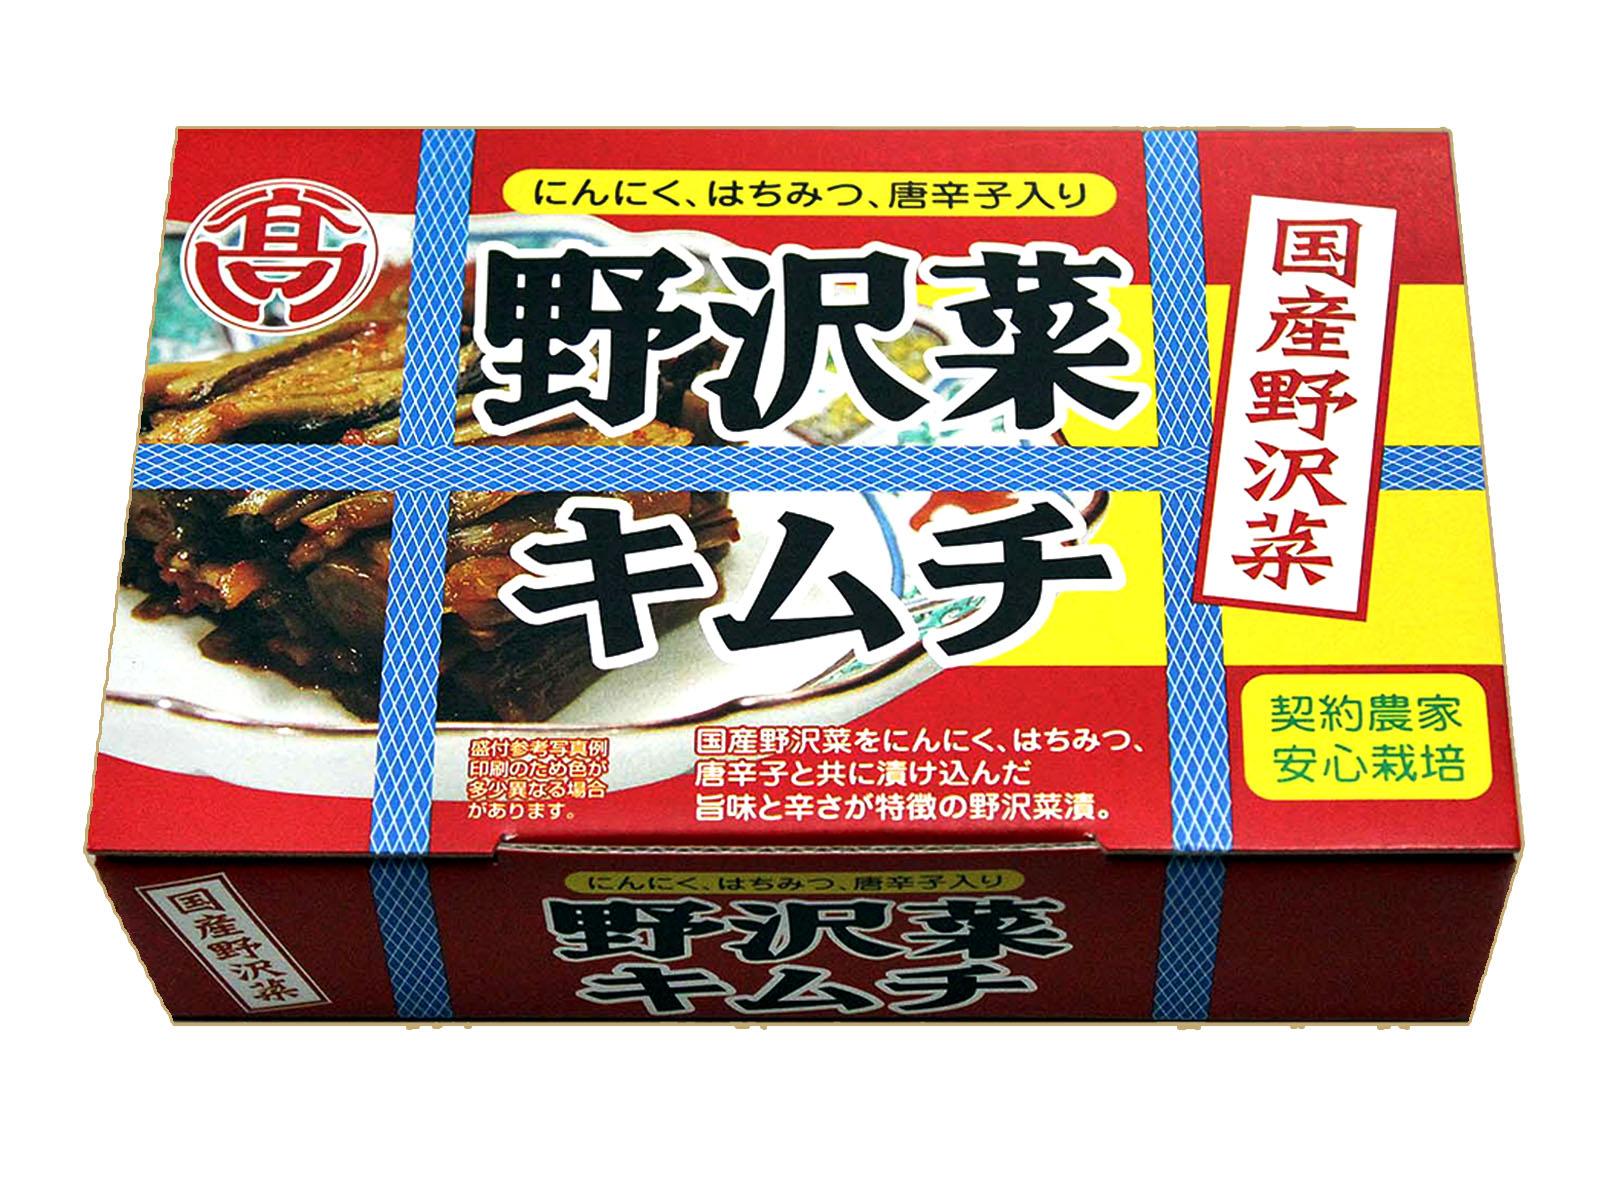 キムチで野沢菜を漬けました 野沢菜キムチ【HACCP対応工場】【JAS認定工場】【信州まるたかお漬物】~信州の味を、お土産にご贈答に~